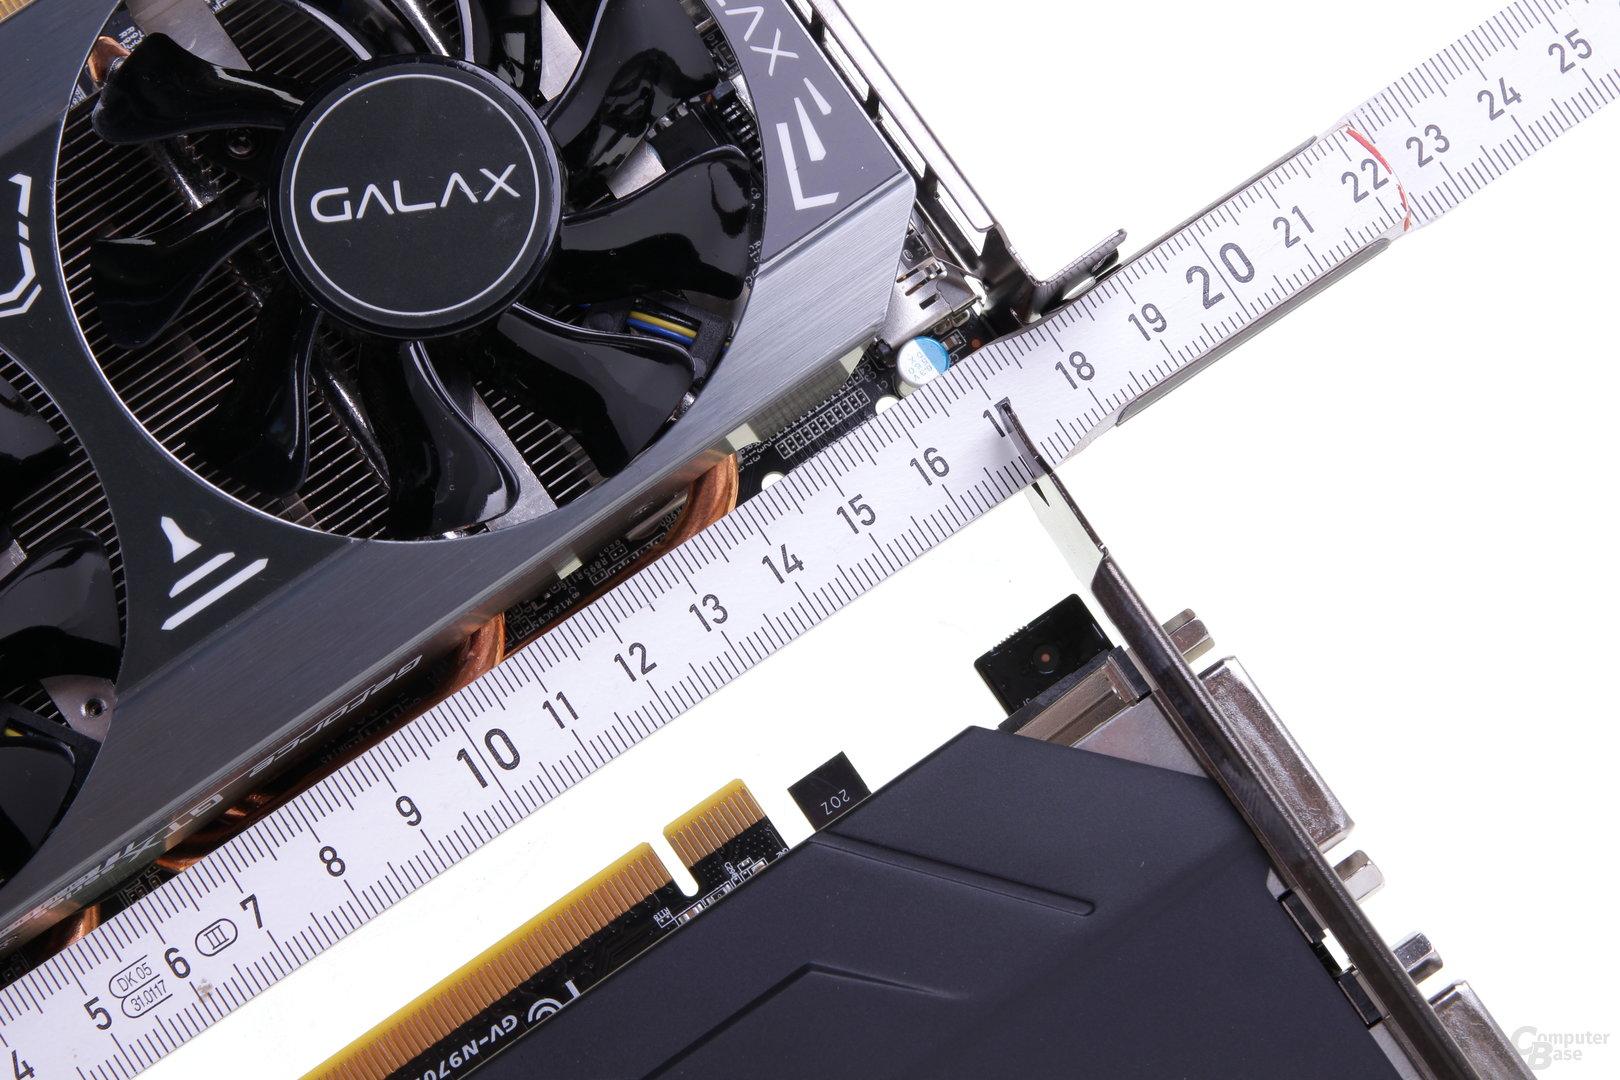 PCB und Kühler messen beim Modell von Galax nur 18 Zentimeter